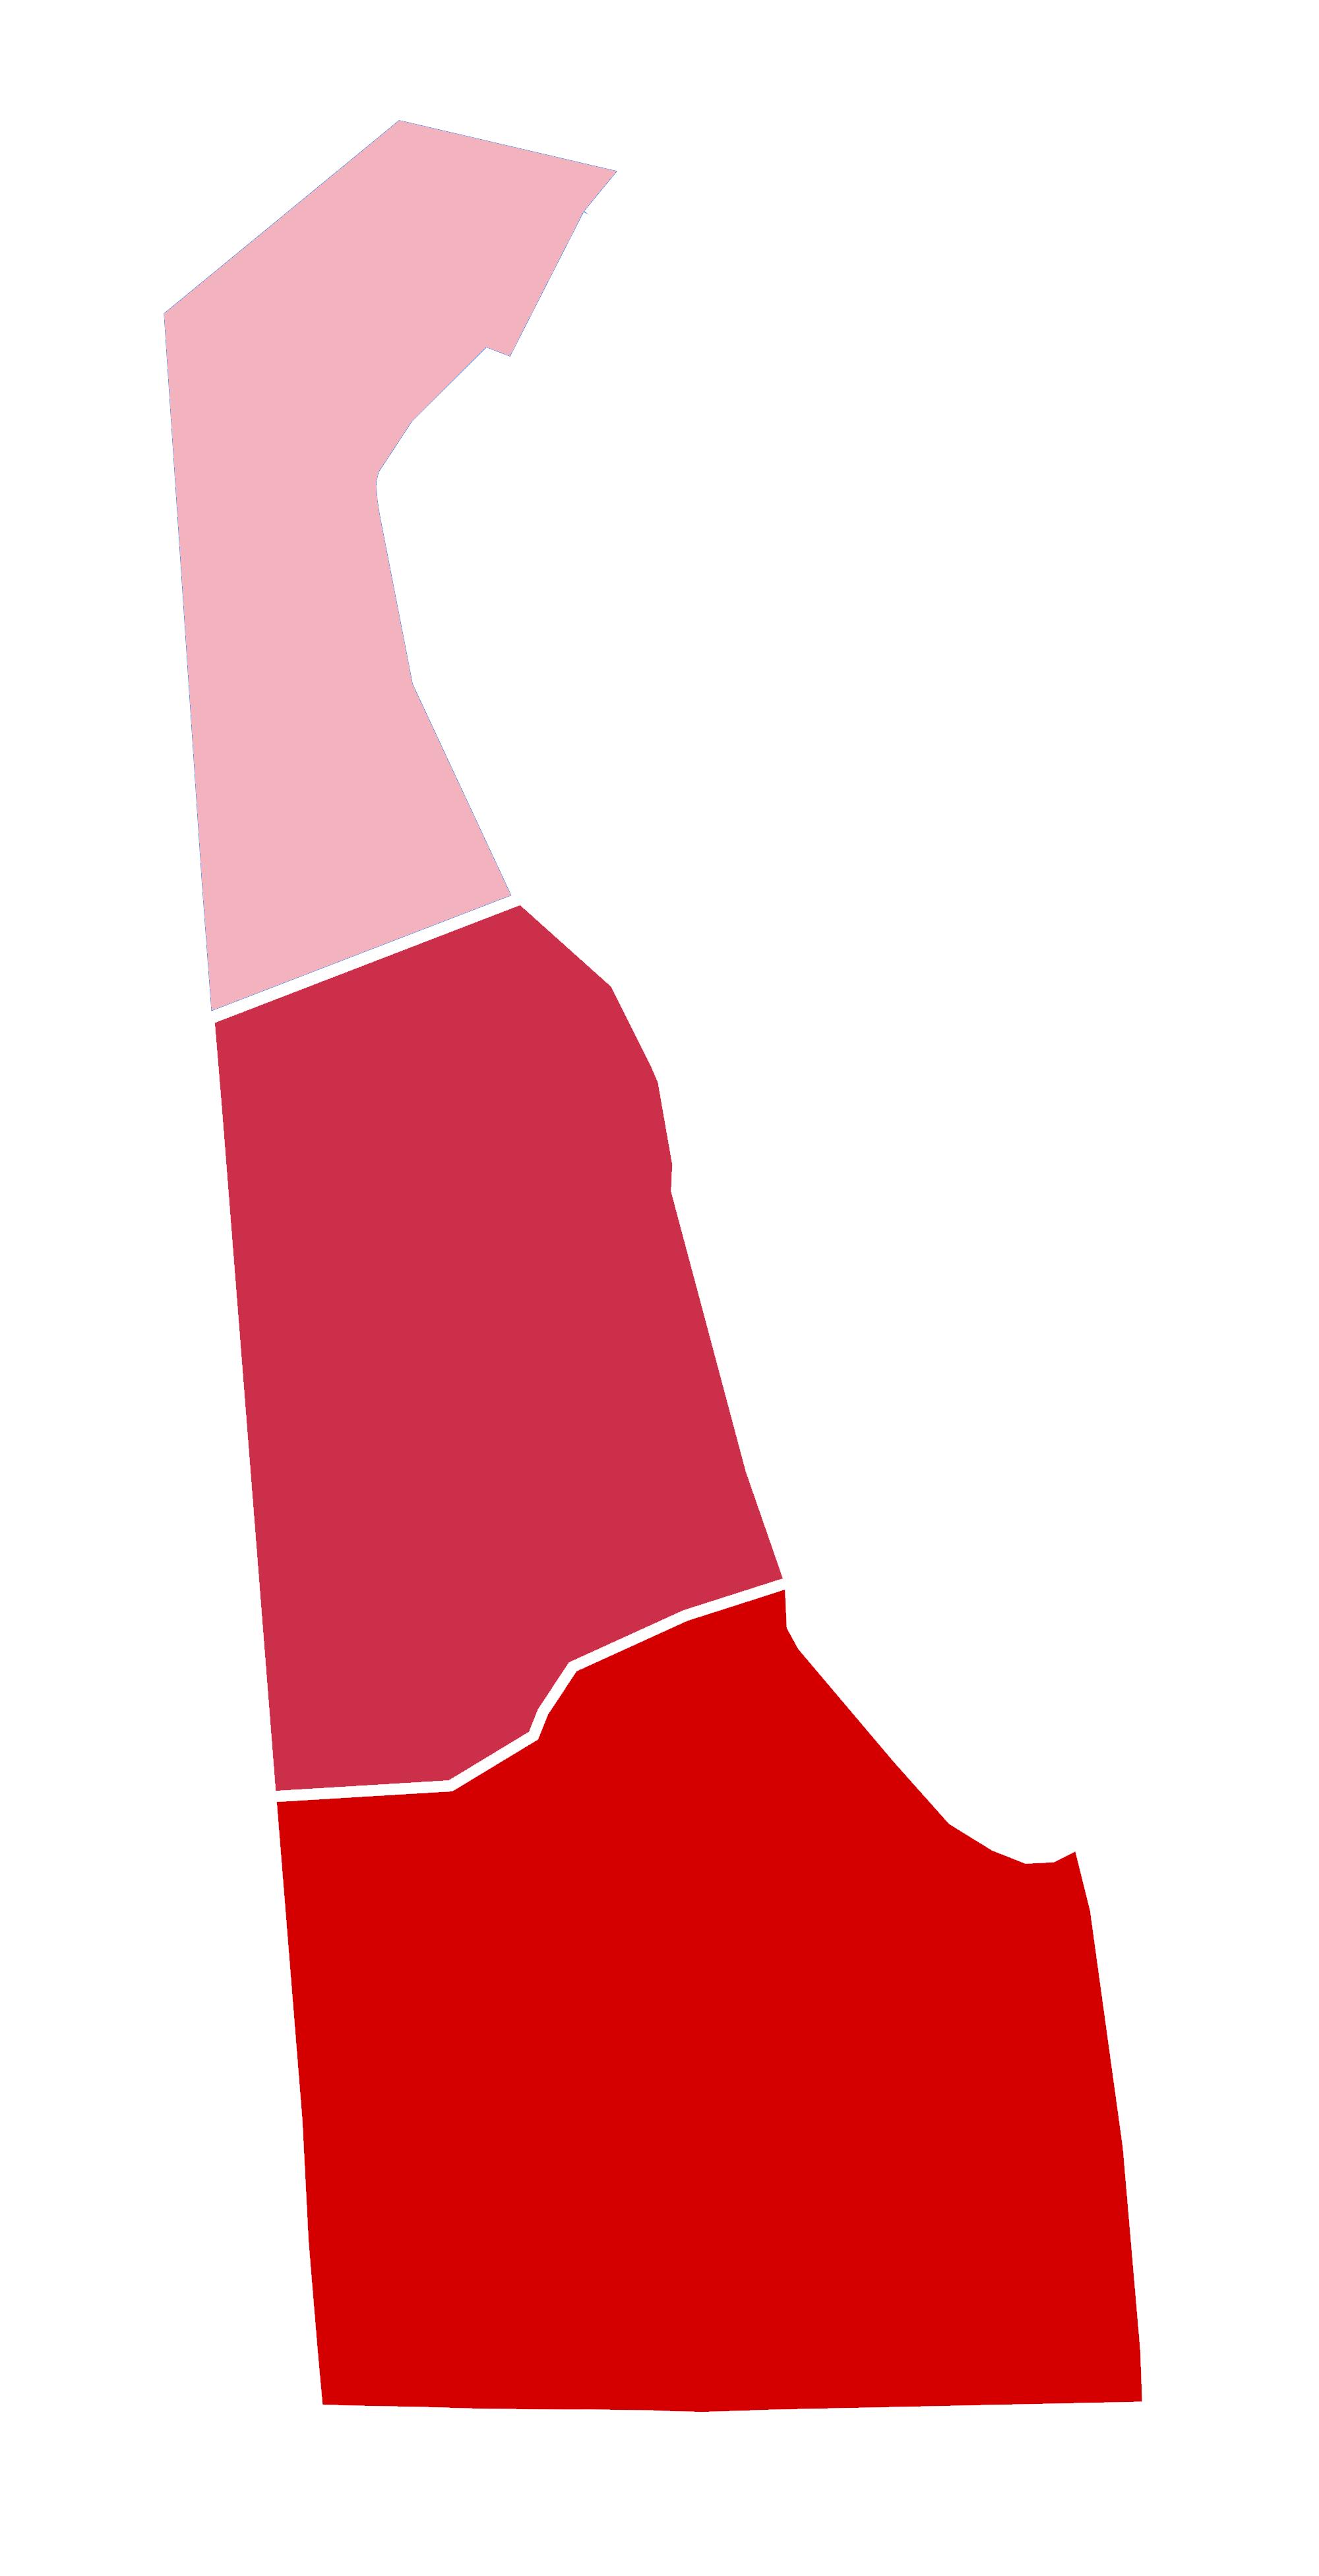 Delaware_Presidential_Election_Results_2016_Republican_Landslide_15.06%.png